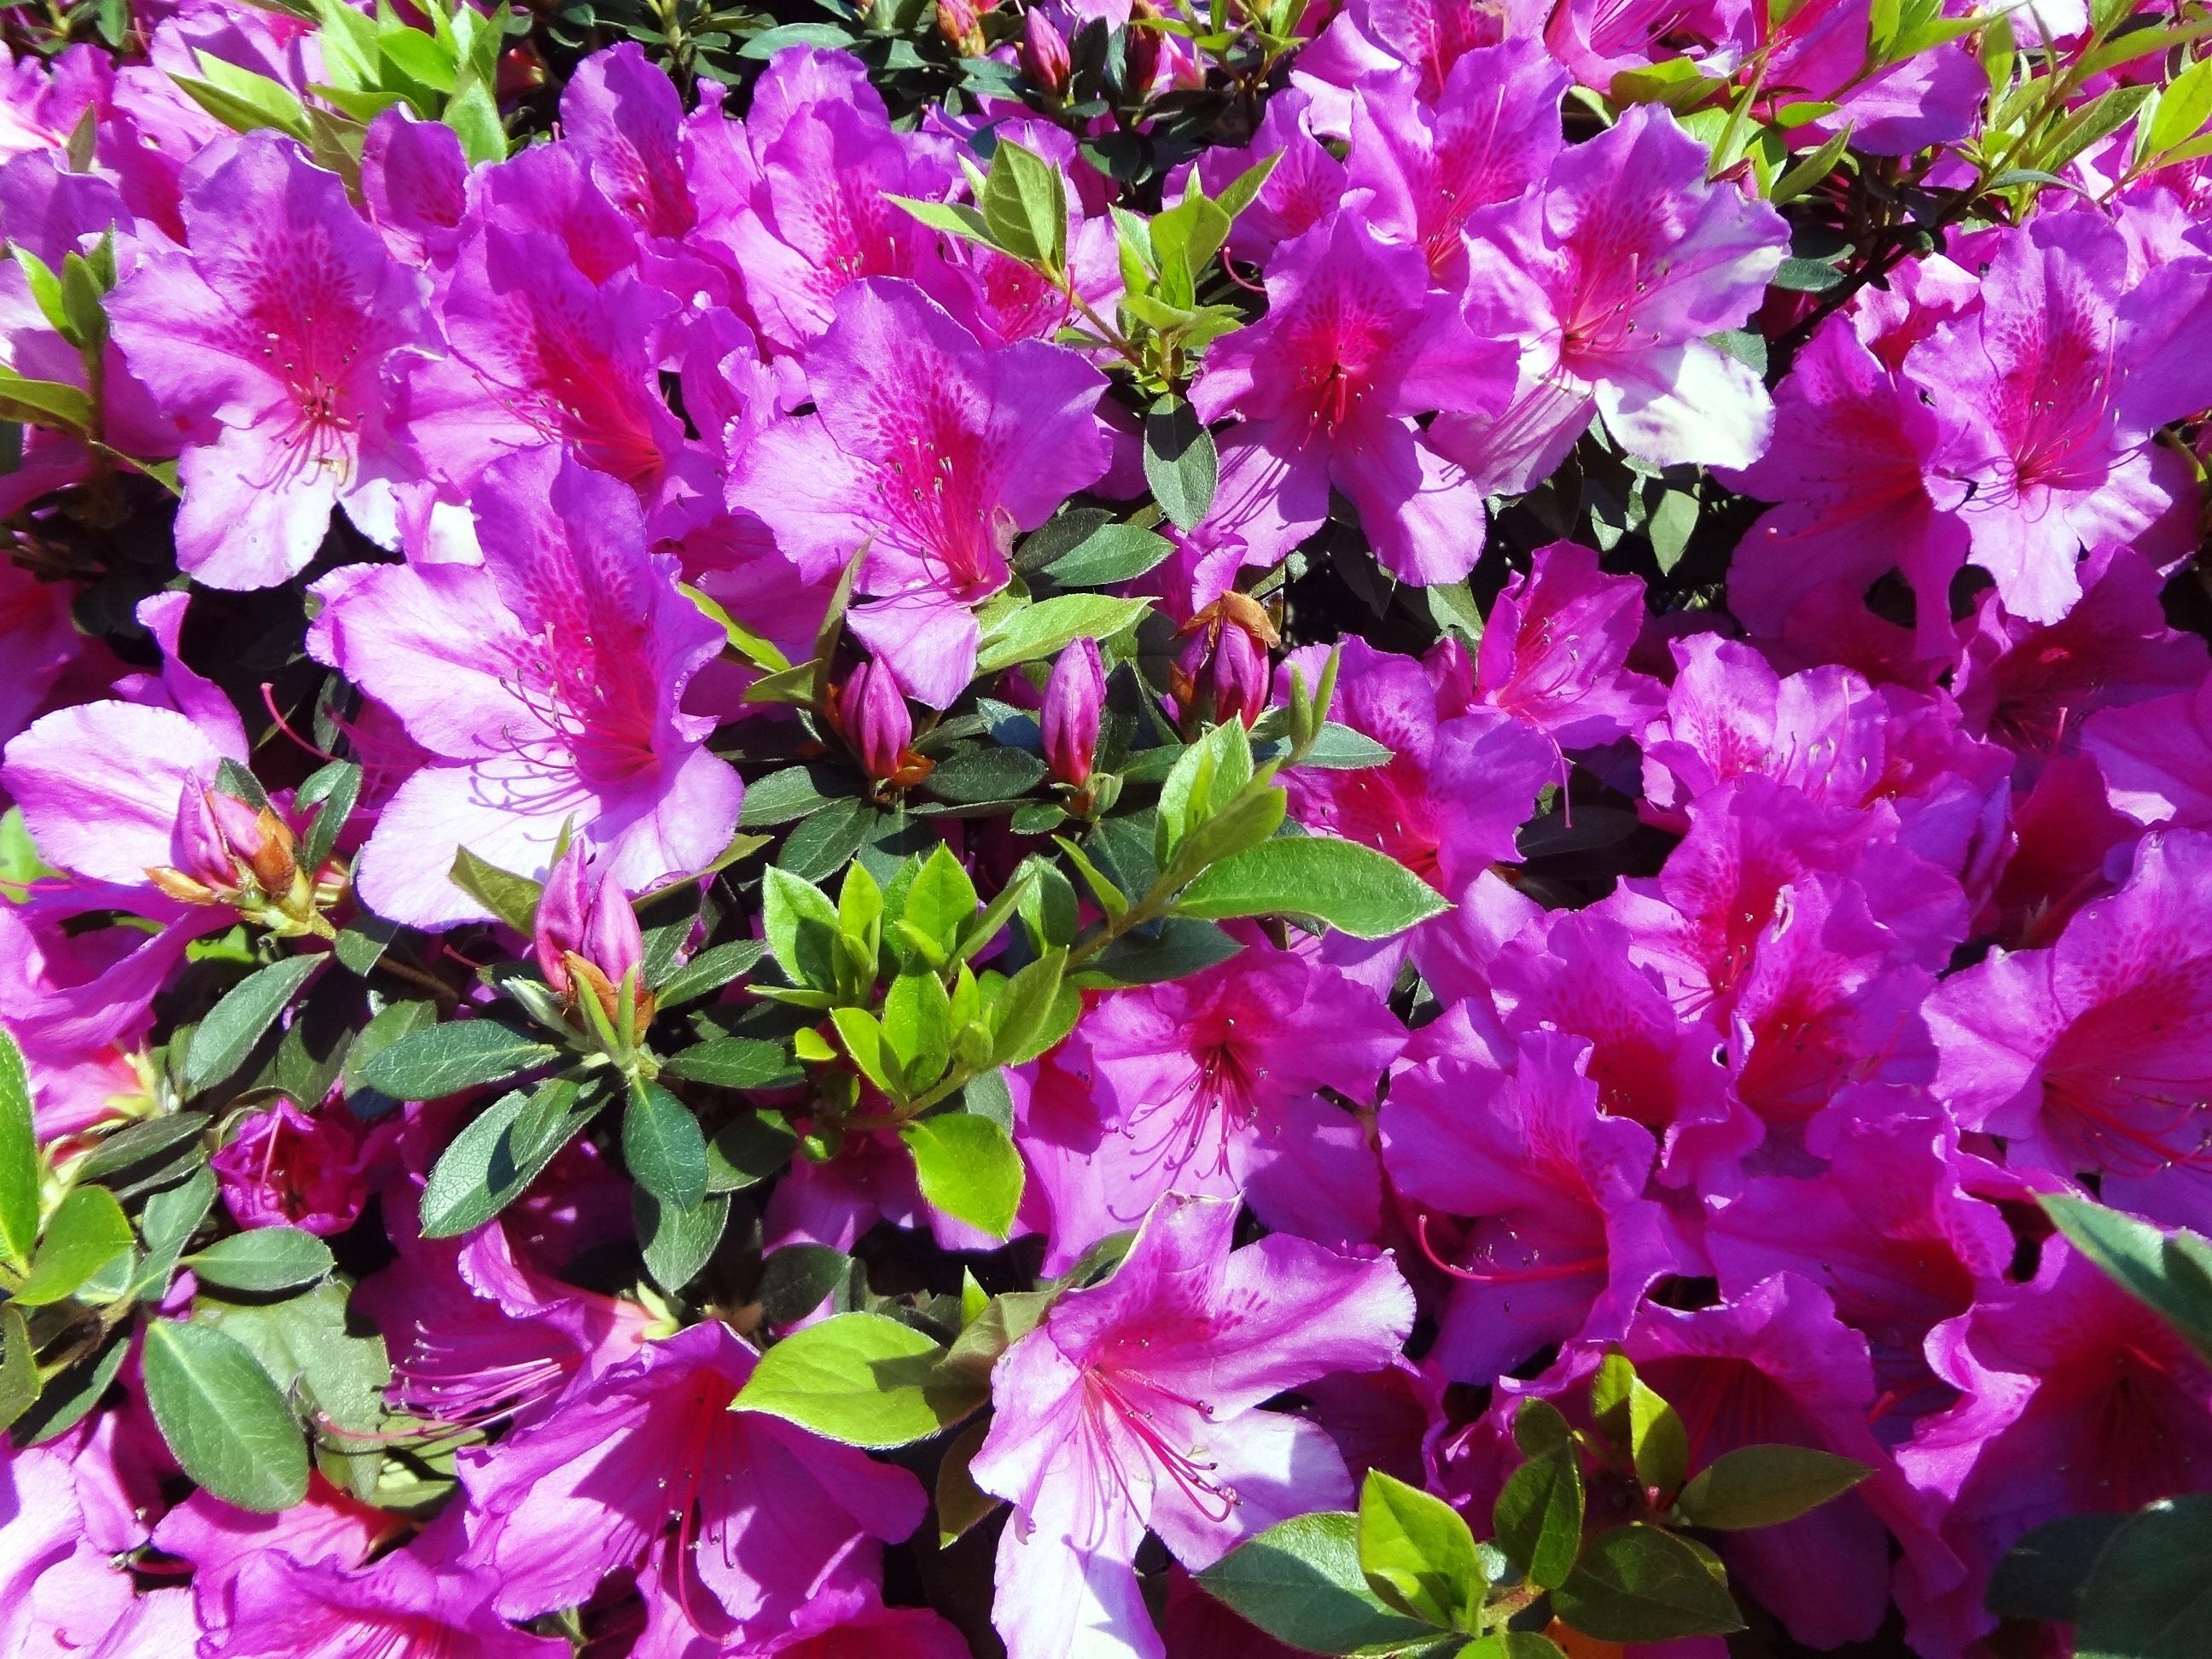 planta flor primavera flores arbusto rododendro flores de primavera azalea planta floreciendo azalea rosa planta anual